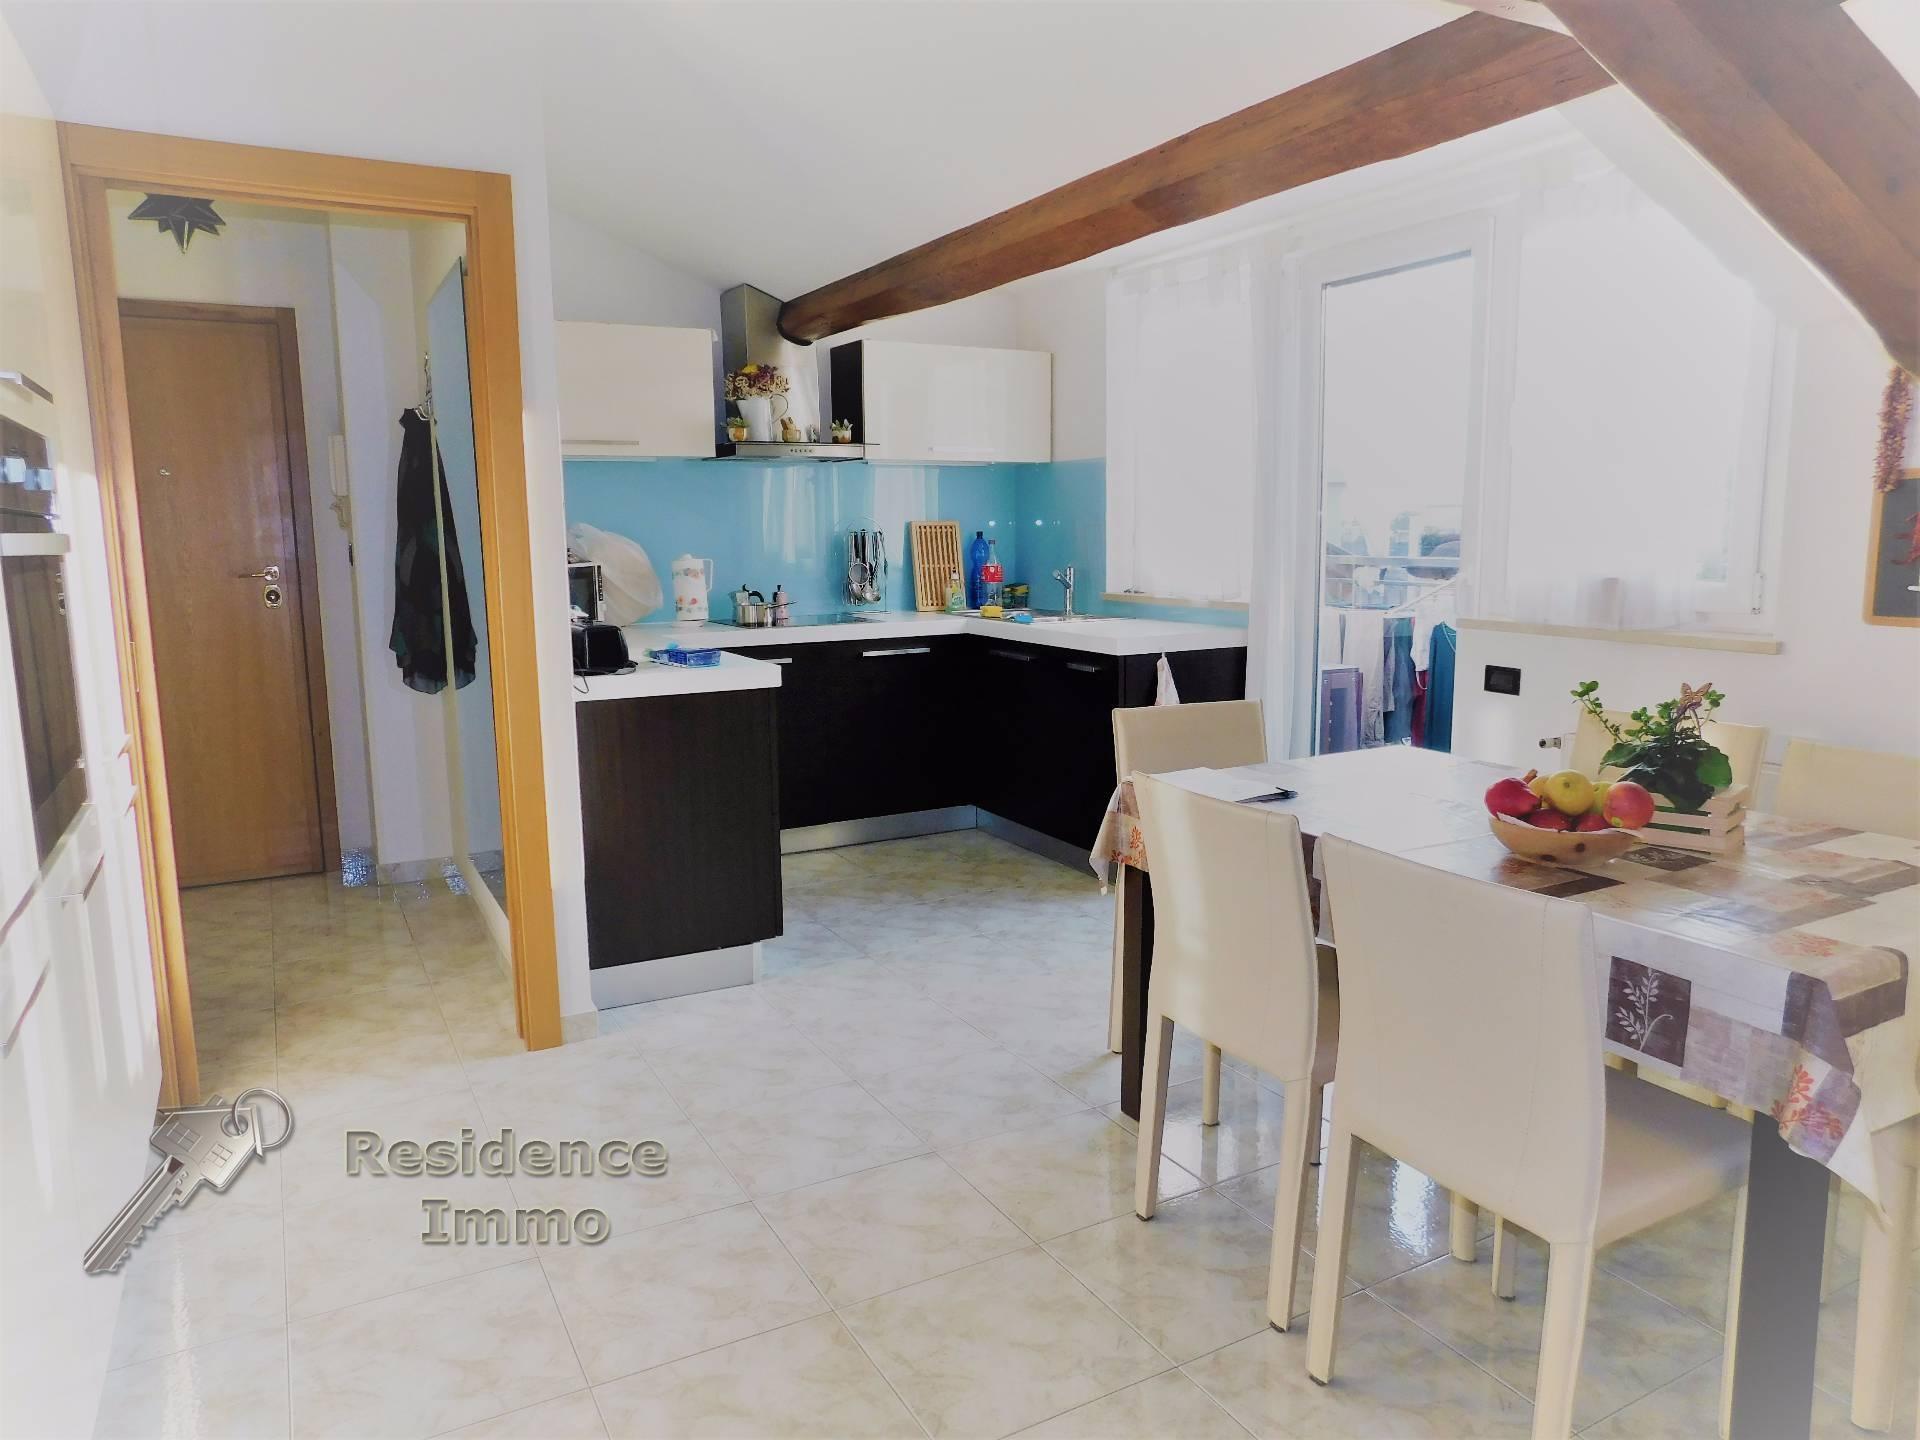 Attico / Mansarda in vendita a Bolzano, 3 locali, zona Zona: Residenziale, prezzo € 360.000 | CambioCasa.it